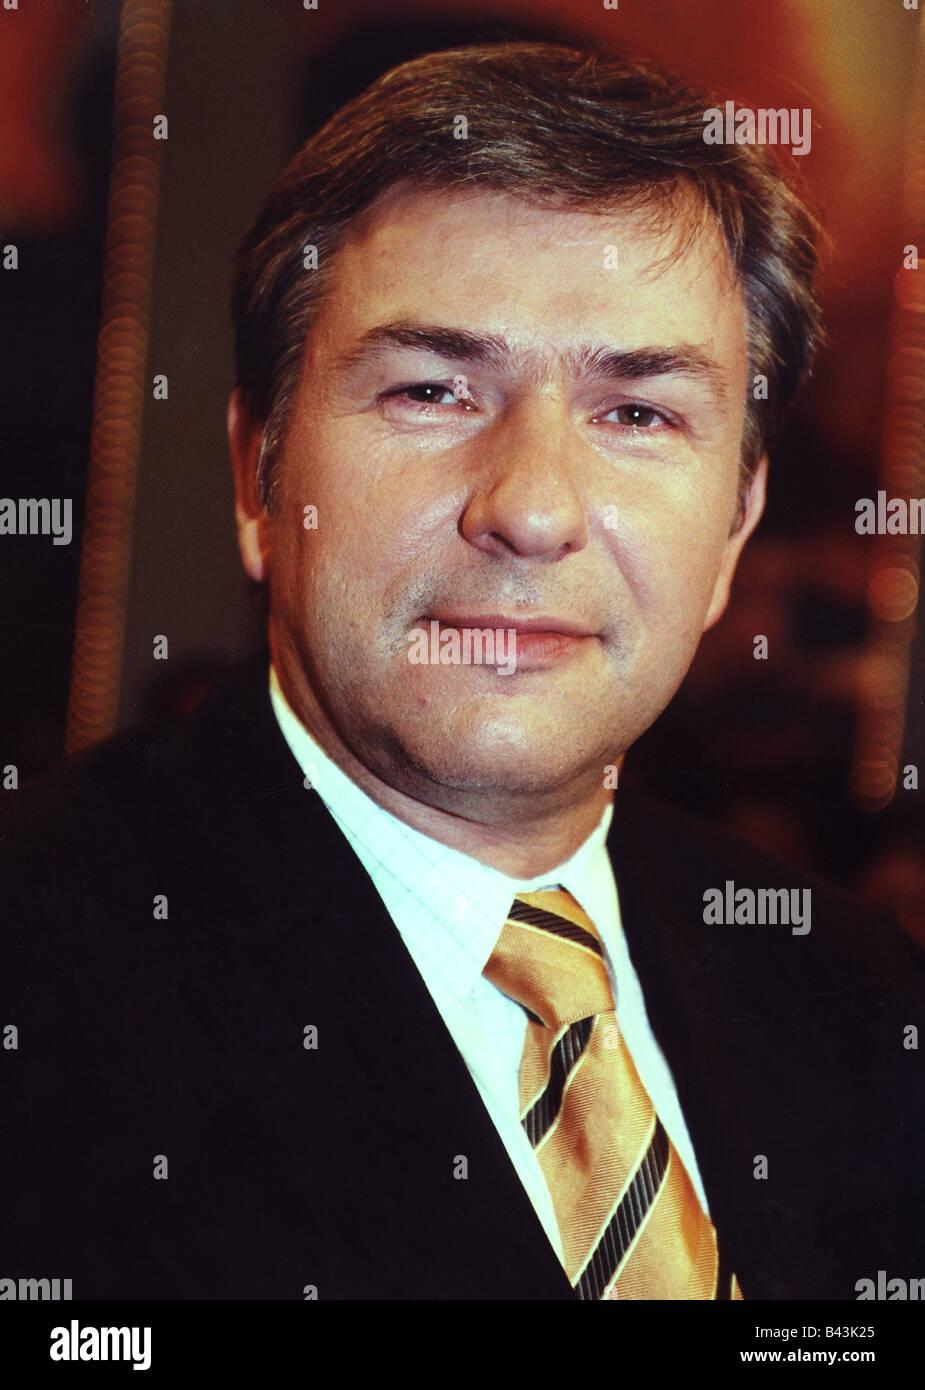 Wowereit, Klaus, * 1.10.1953, German politician (SPD), portrait, 2002, Stock Photo